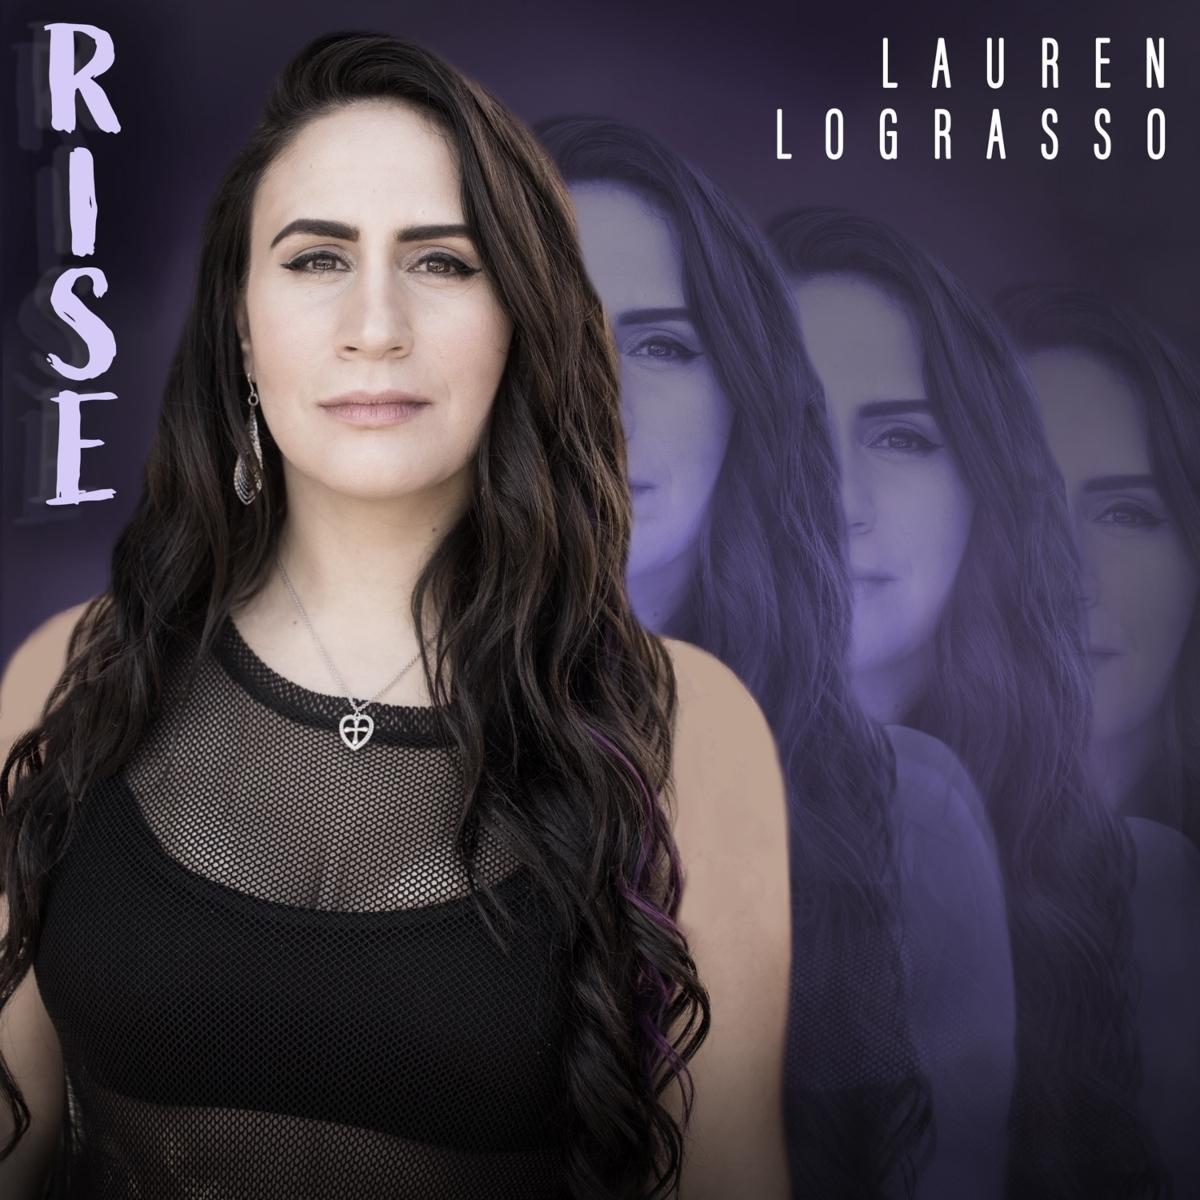 Lauren Lograsso